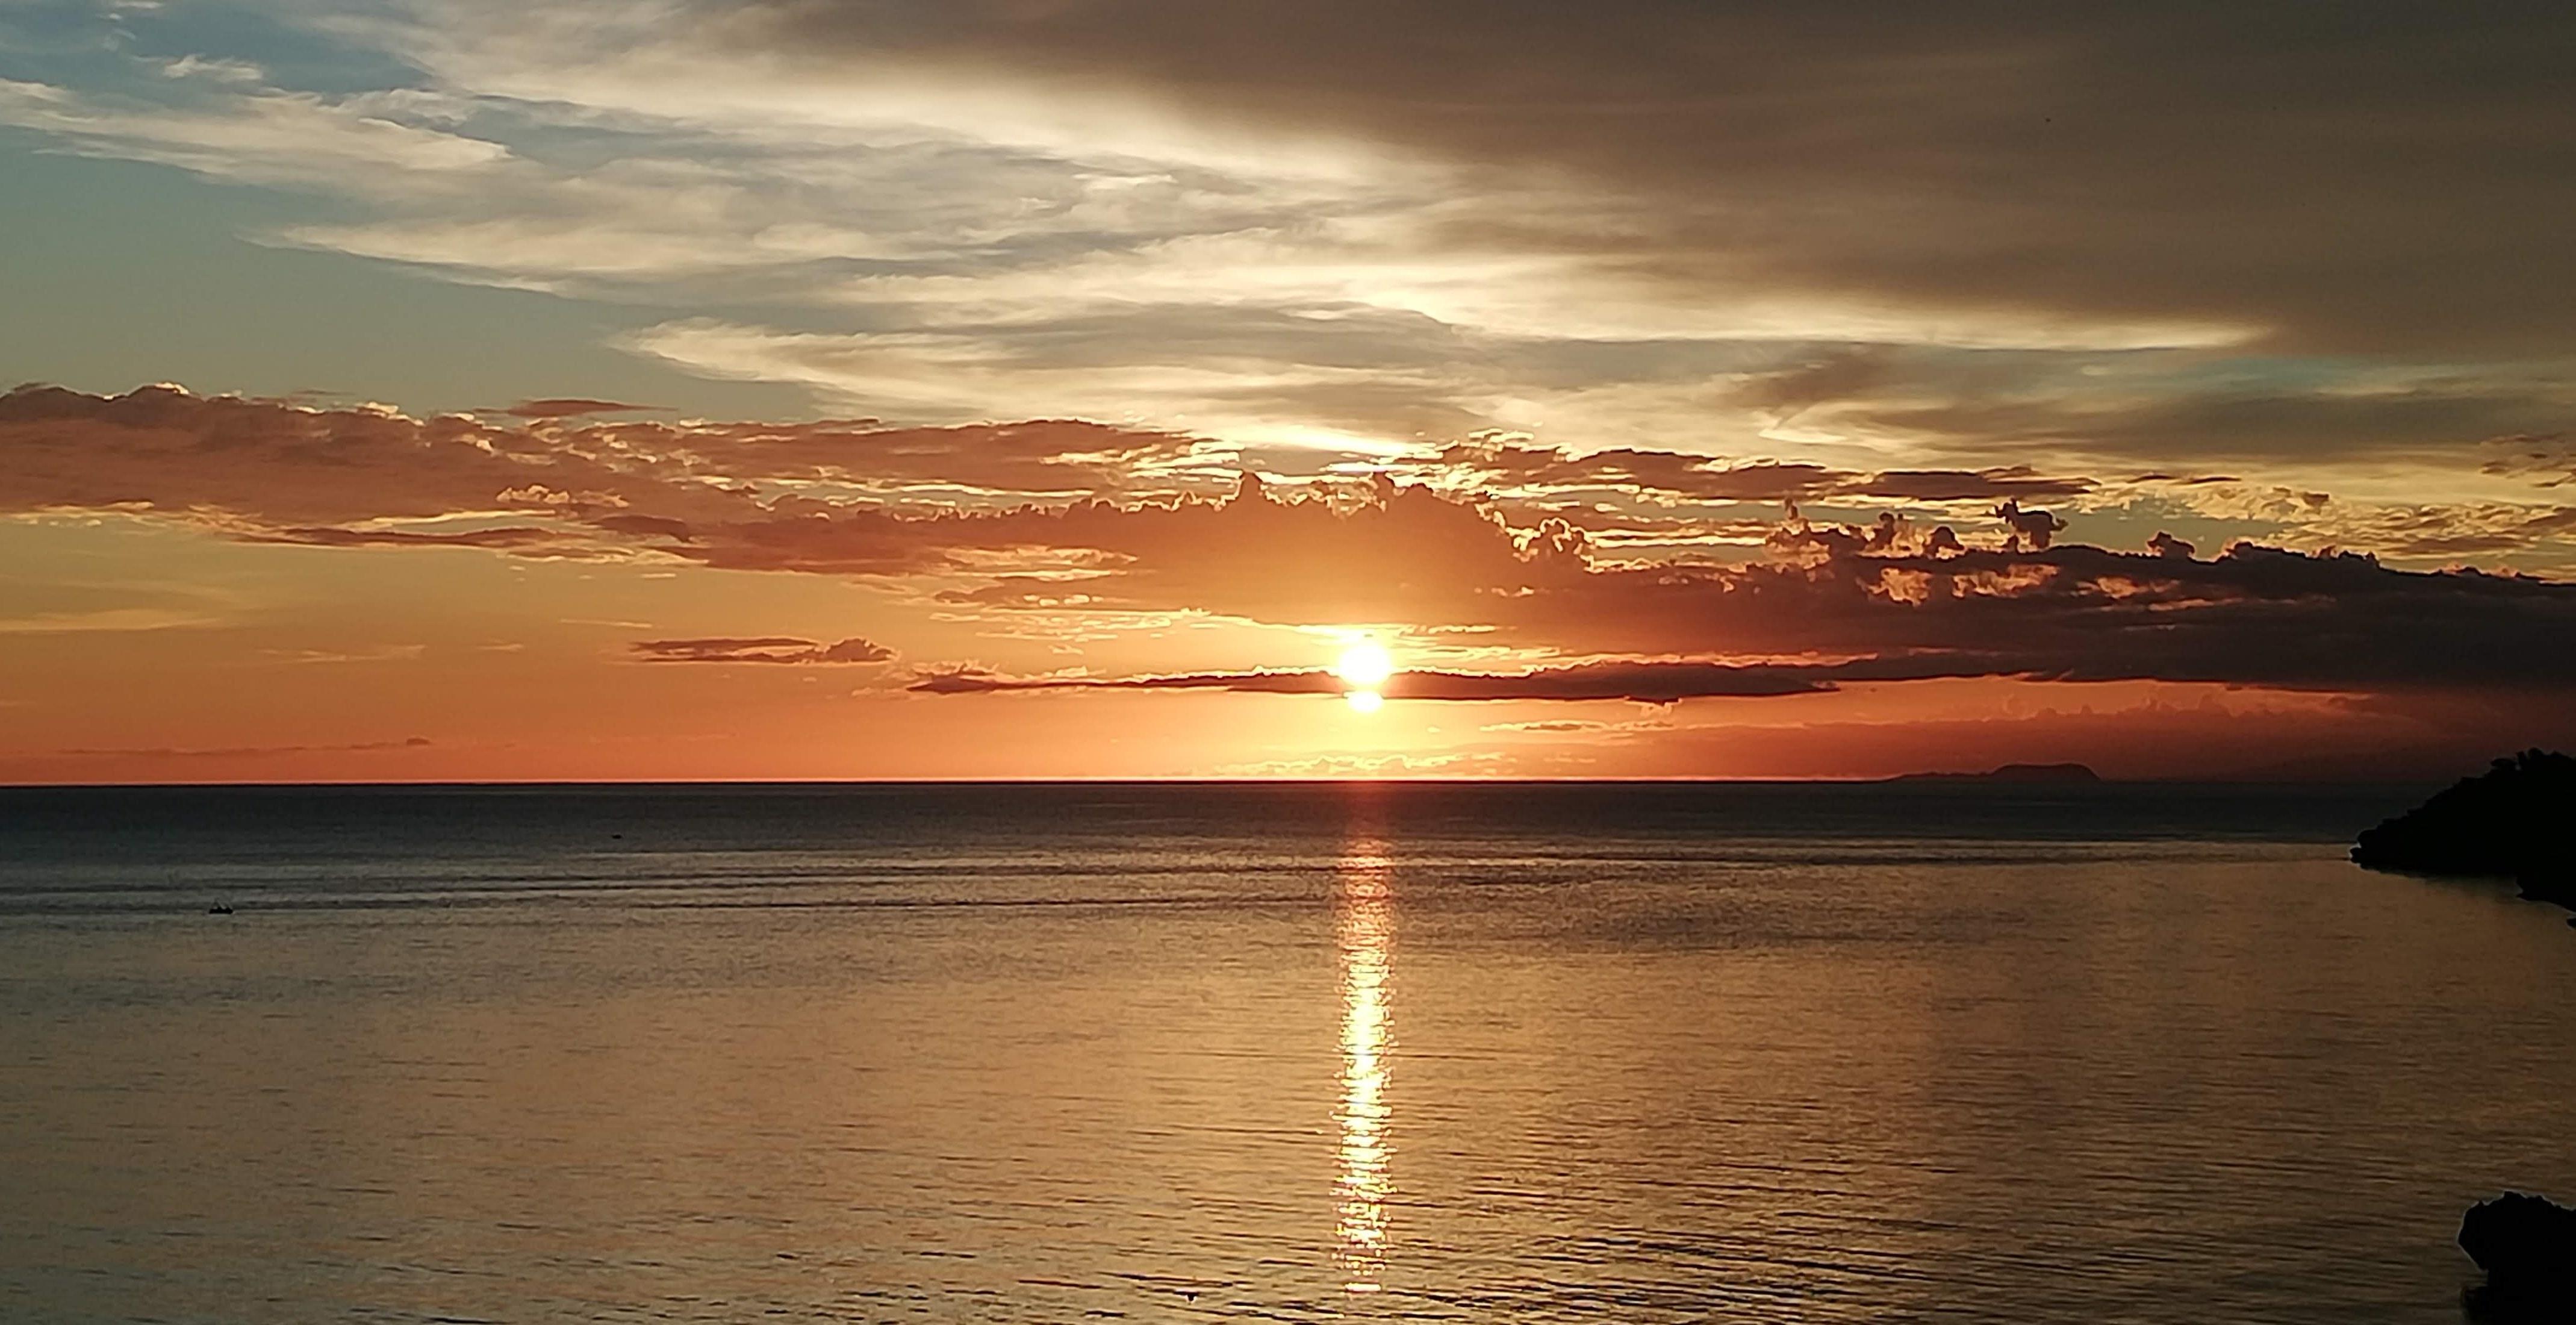 De zon in de zee zien zakken